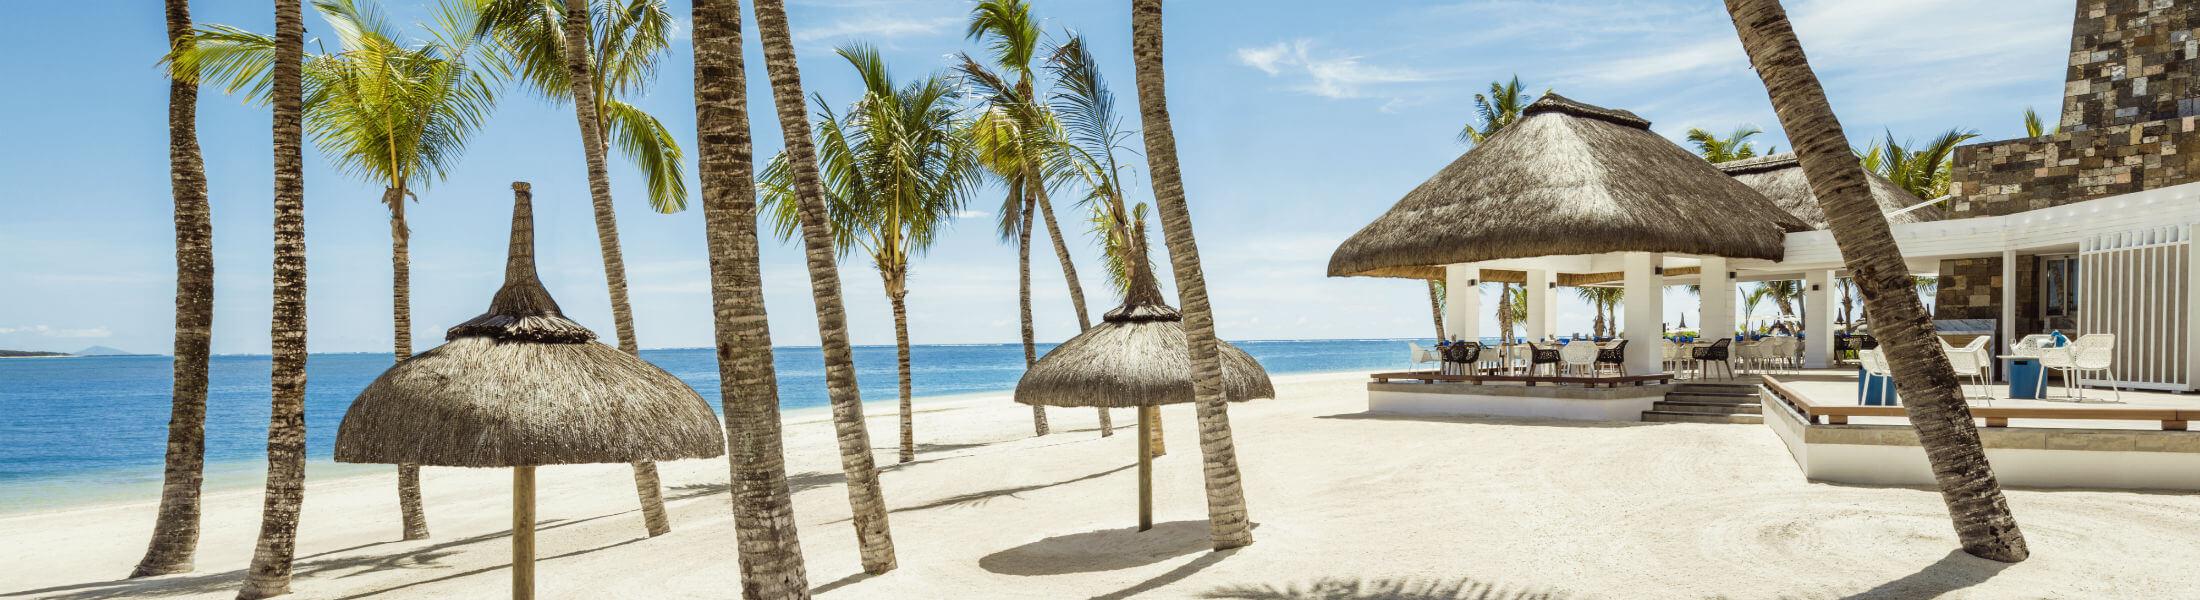 One&Only Le Saint Geran, Mauritius - beach